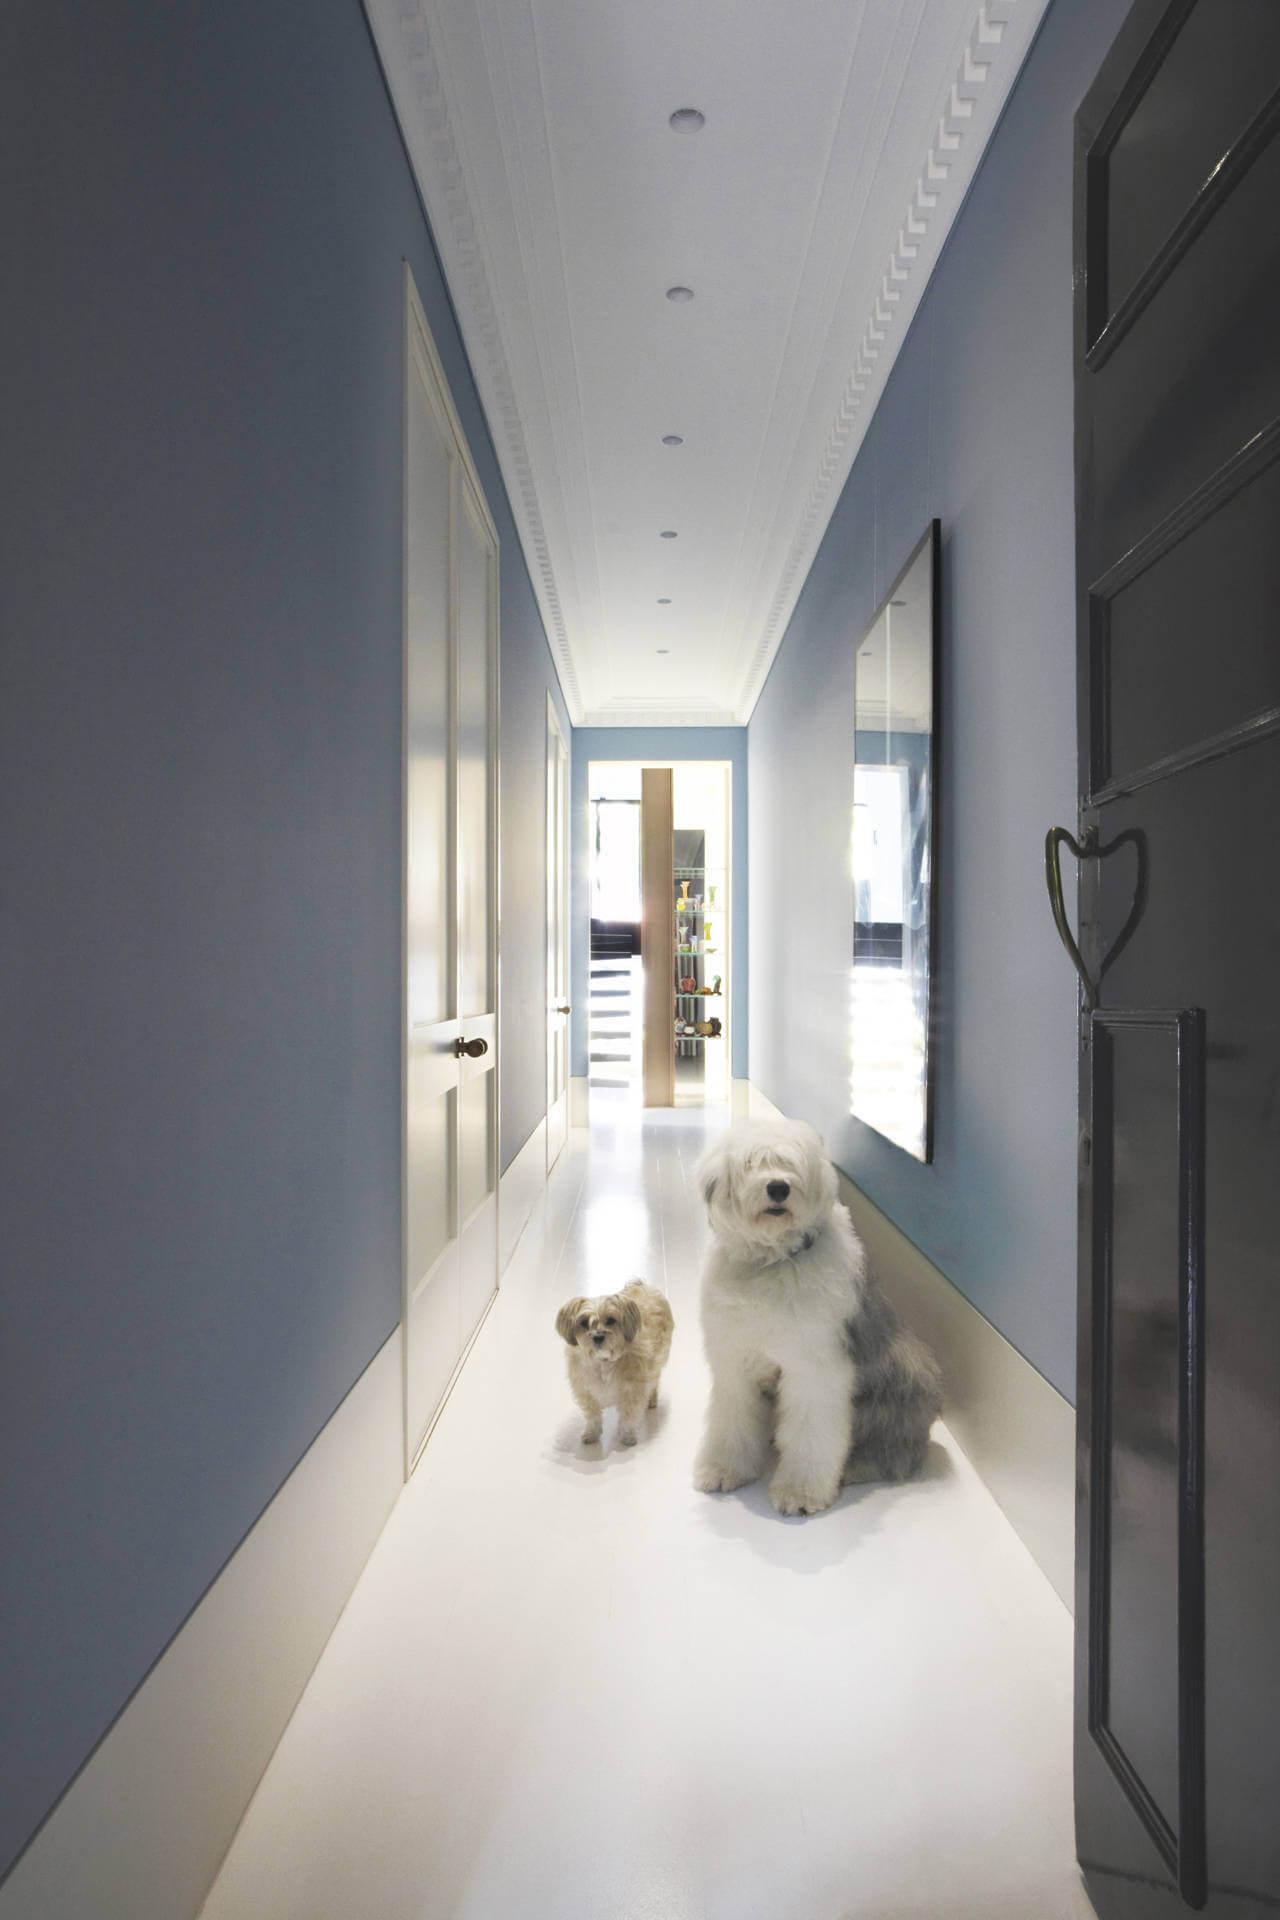 Оформление коридора в голубой цвет если в квартире собака